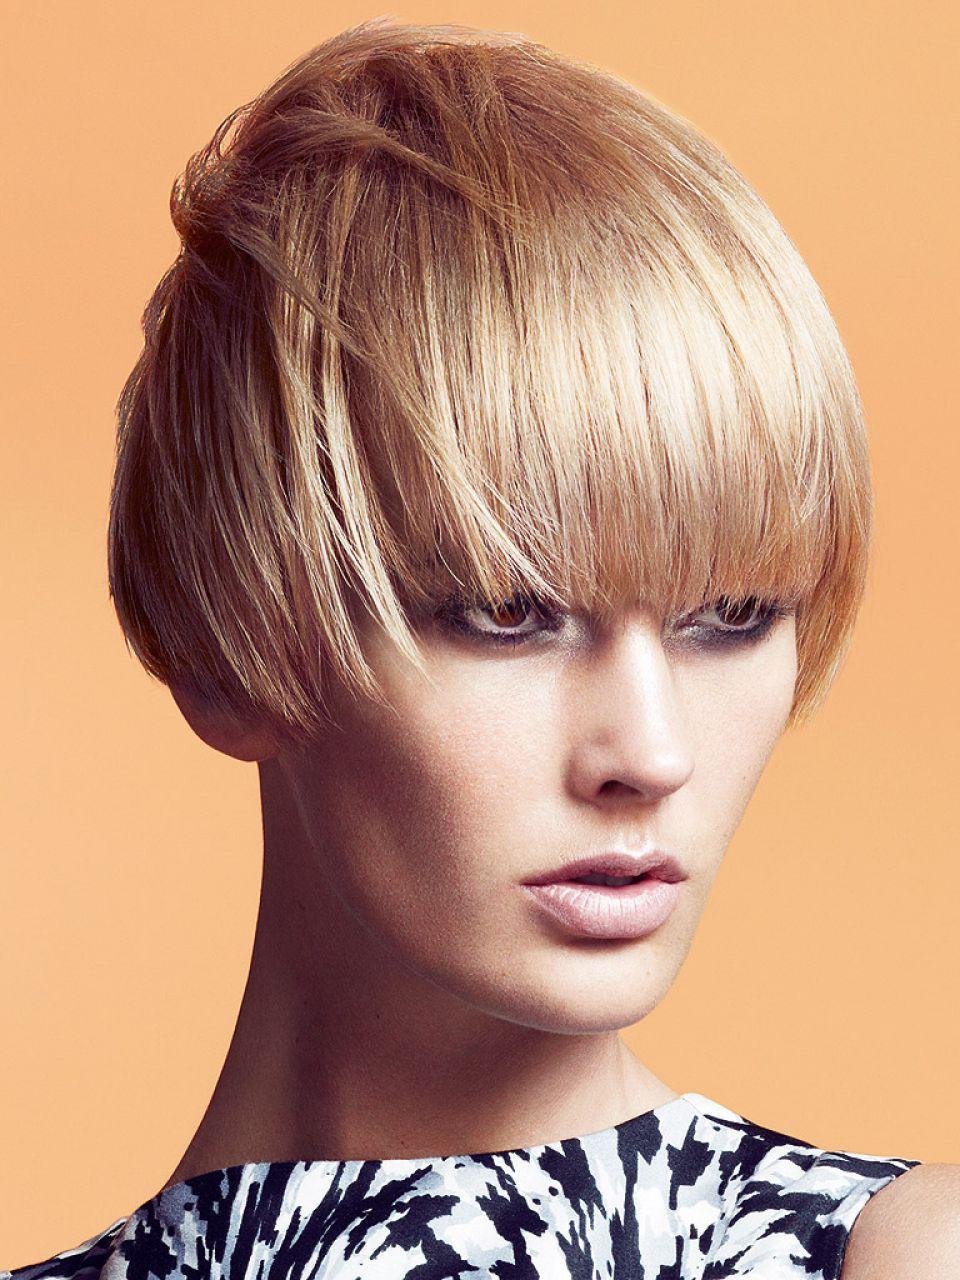 Frisuren blond frauen